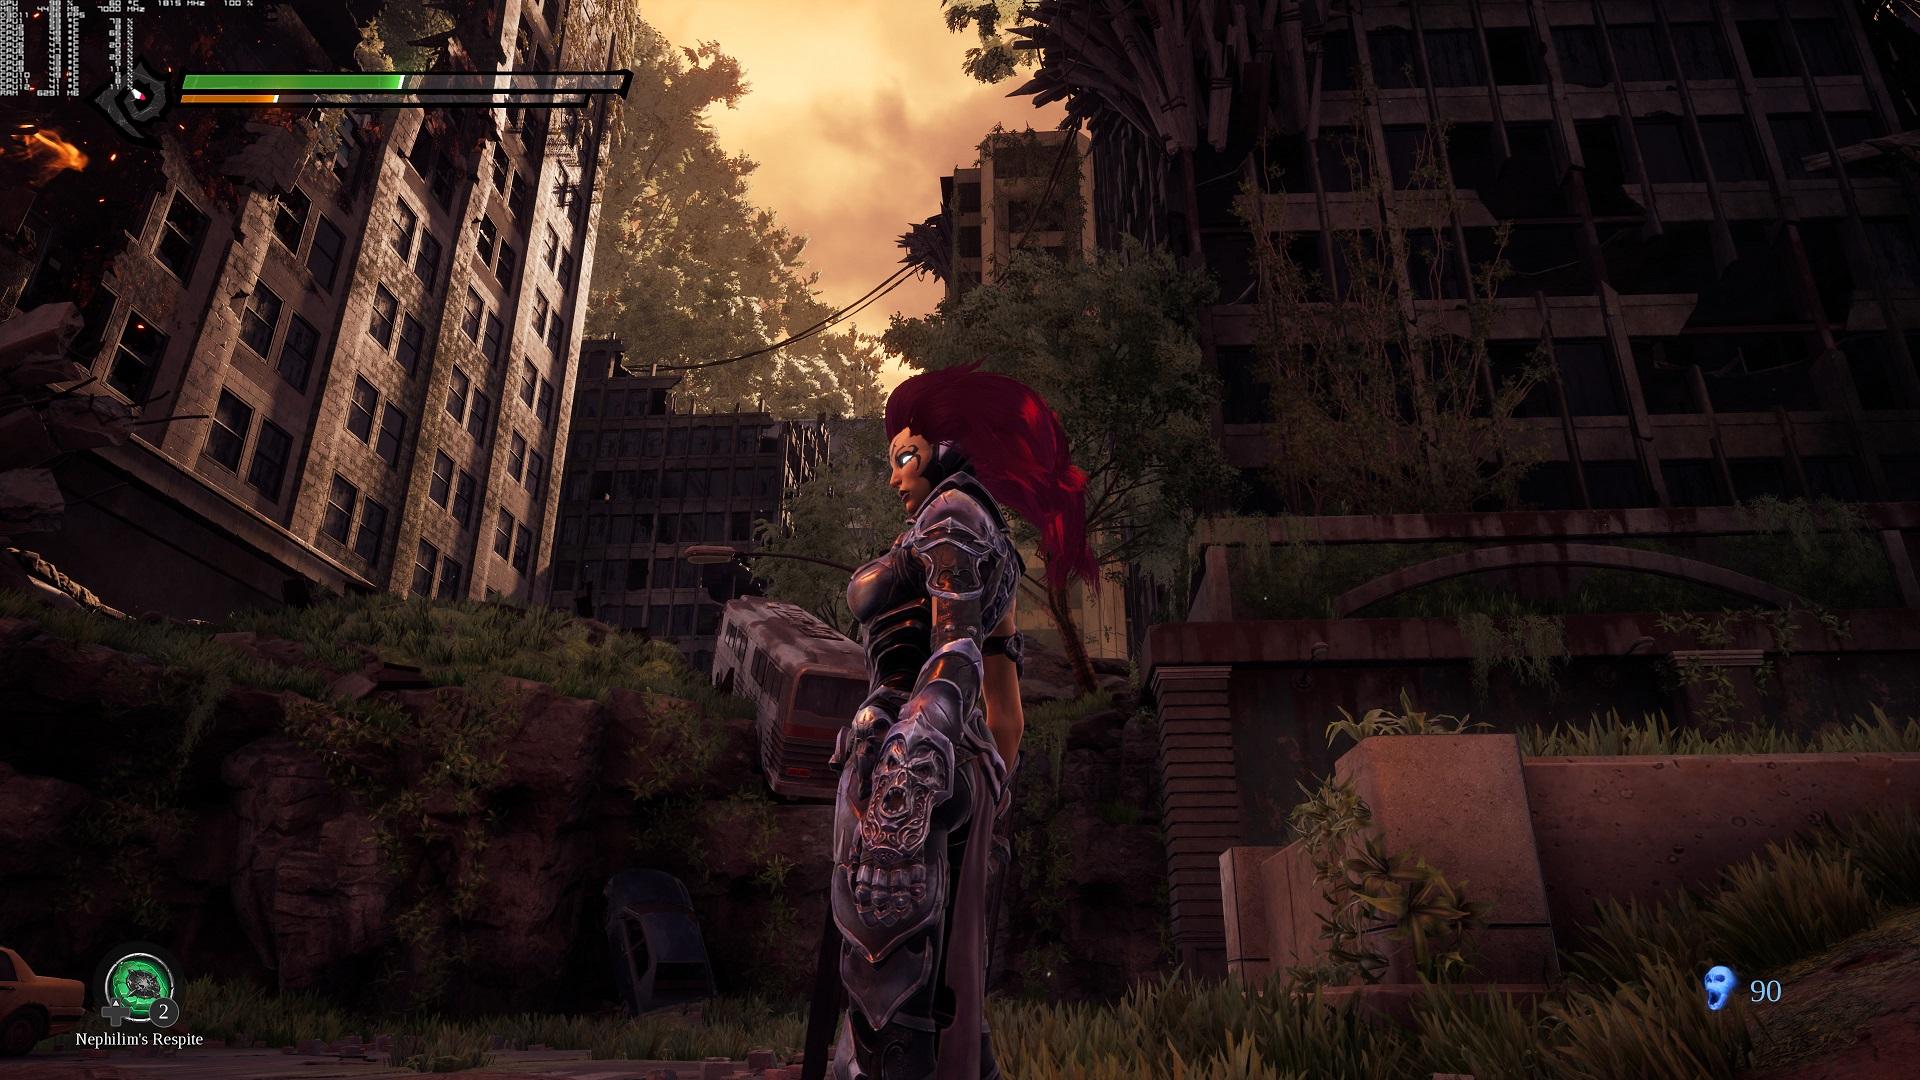 《暗黑血统3》评价过于中庸 THQ老板说这游戏很优秀